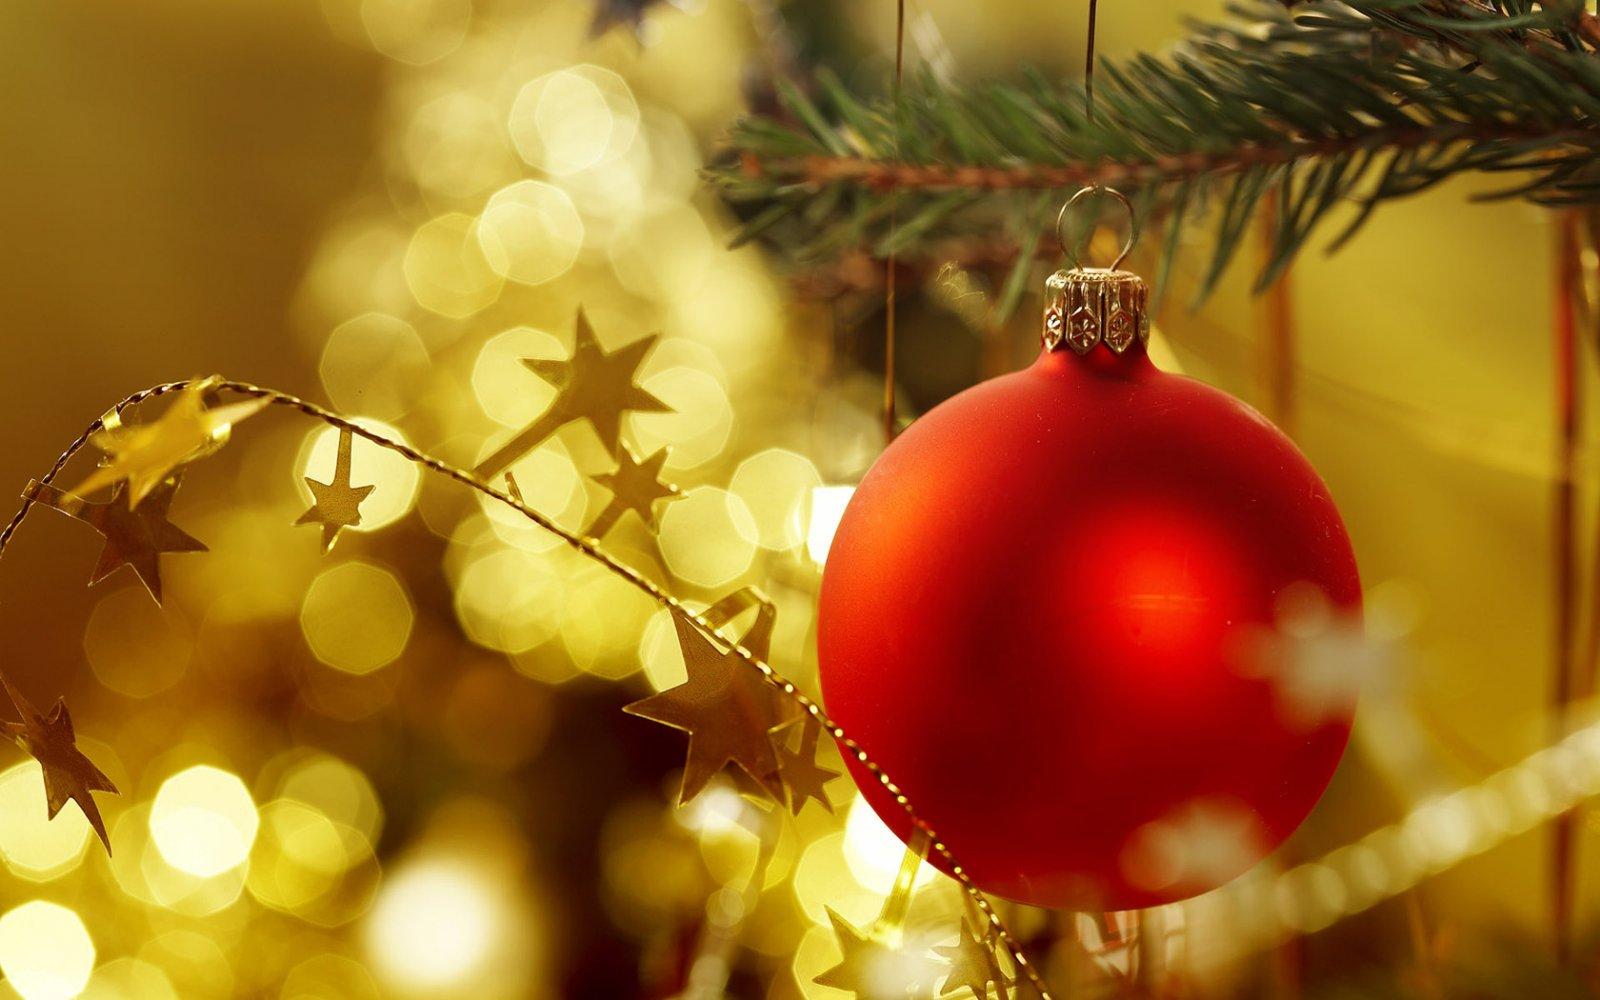 Decoraci n de un rbol de navidad tradicional decoraci n - Imagenes decoracion navidad ...